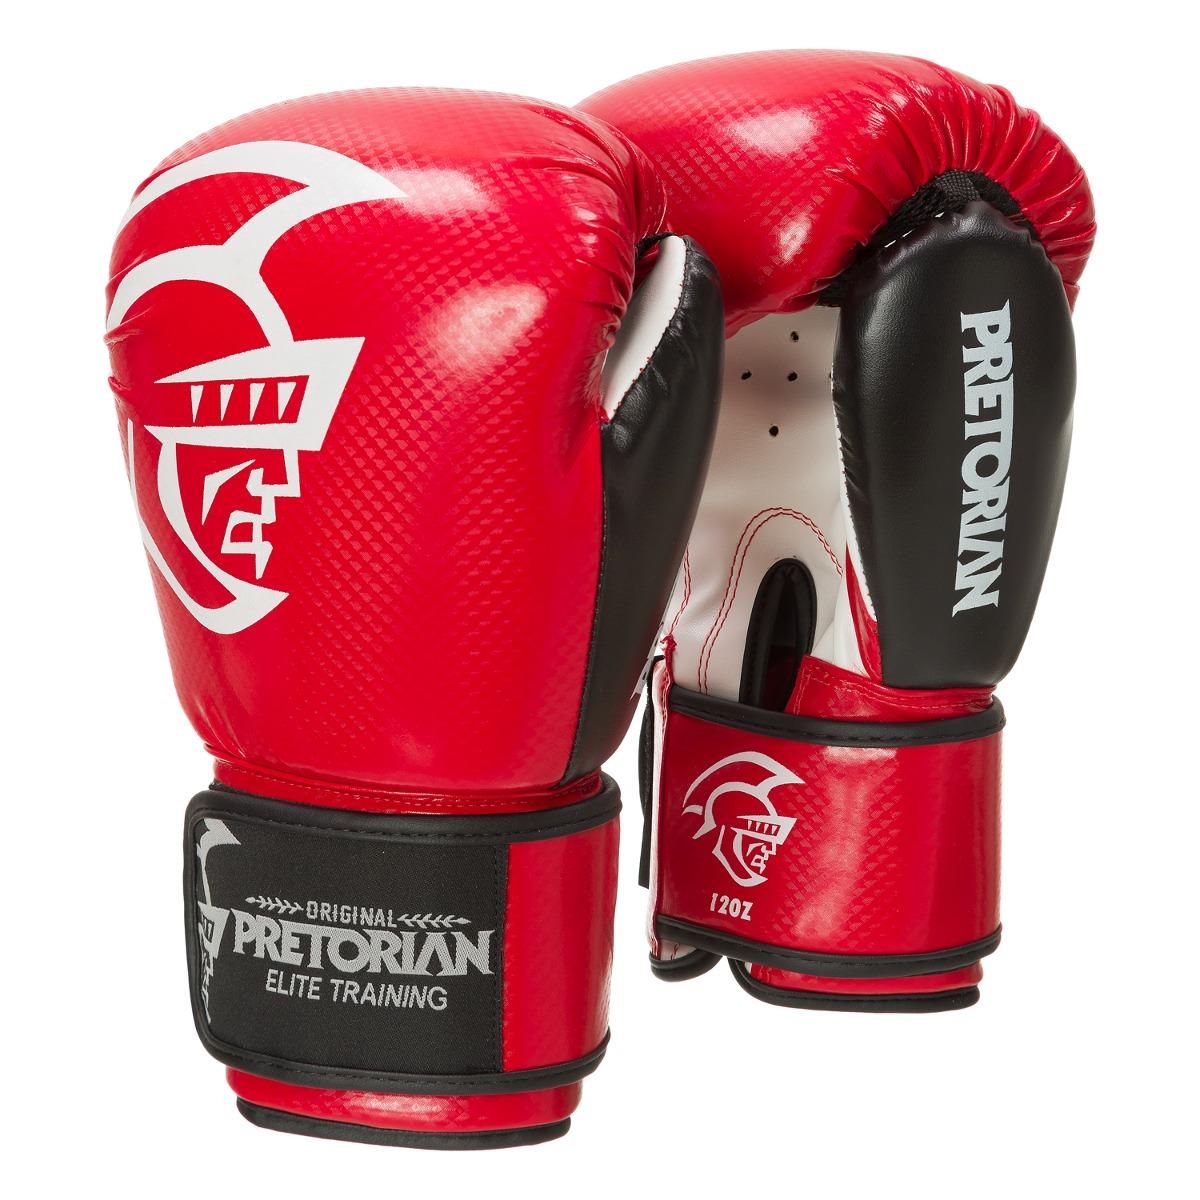 luva de boxe muay thai pretorian elite training 16oz verm. Carregando zoom. dc8cdcd2cfd37